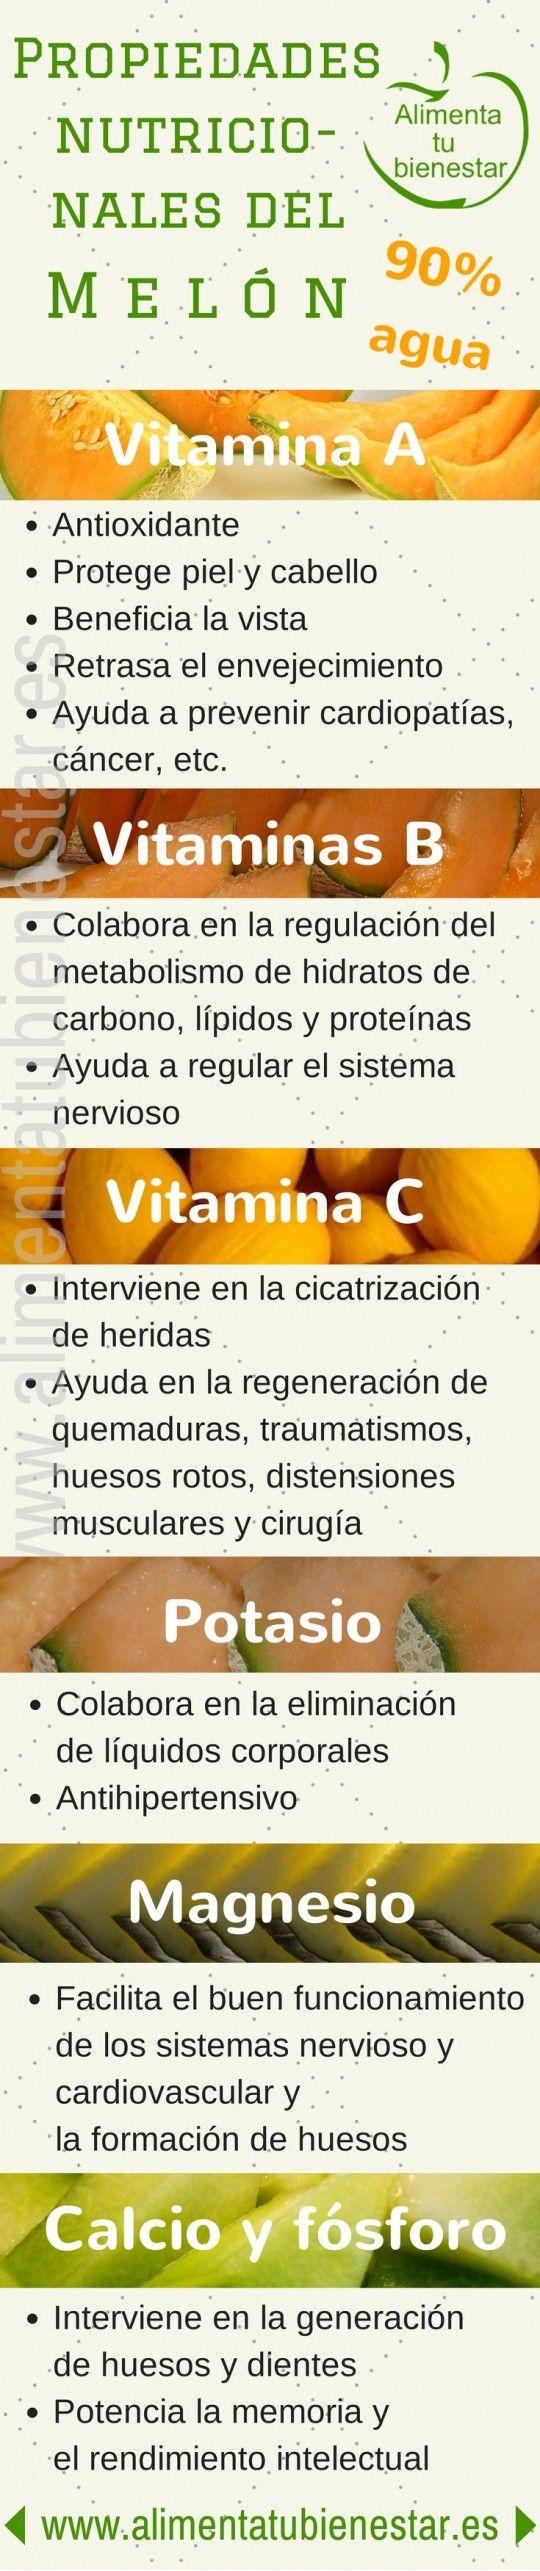 #infografia Propiedades nutricionales del melón